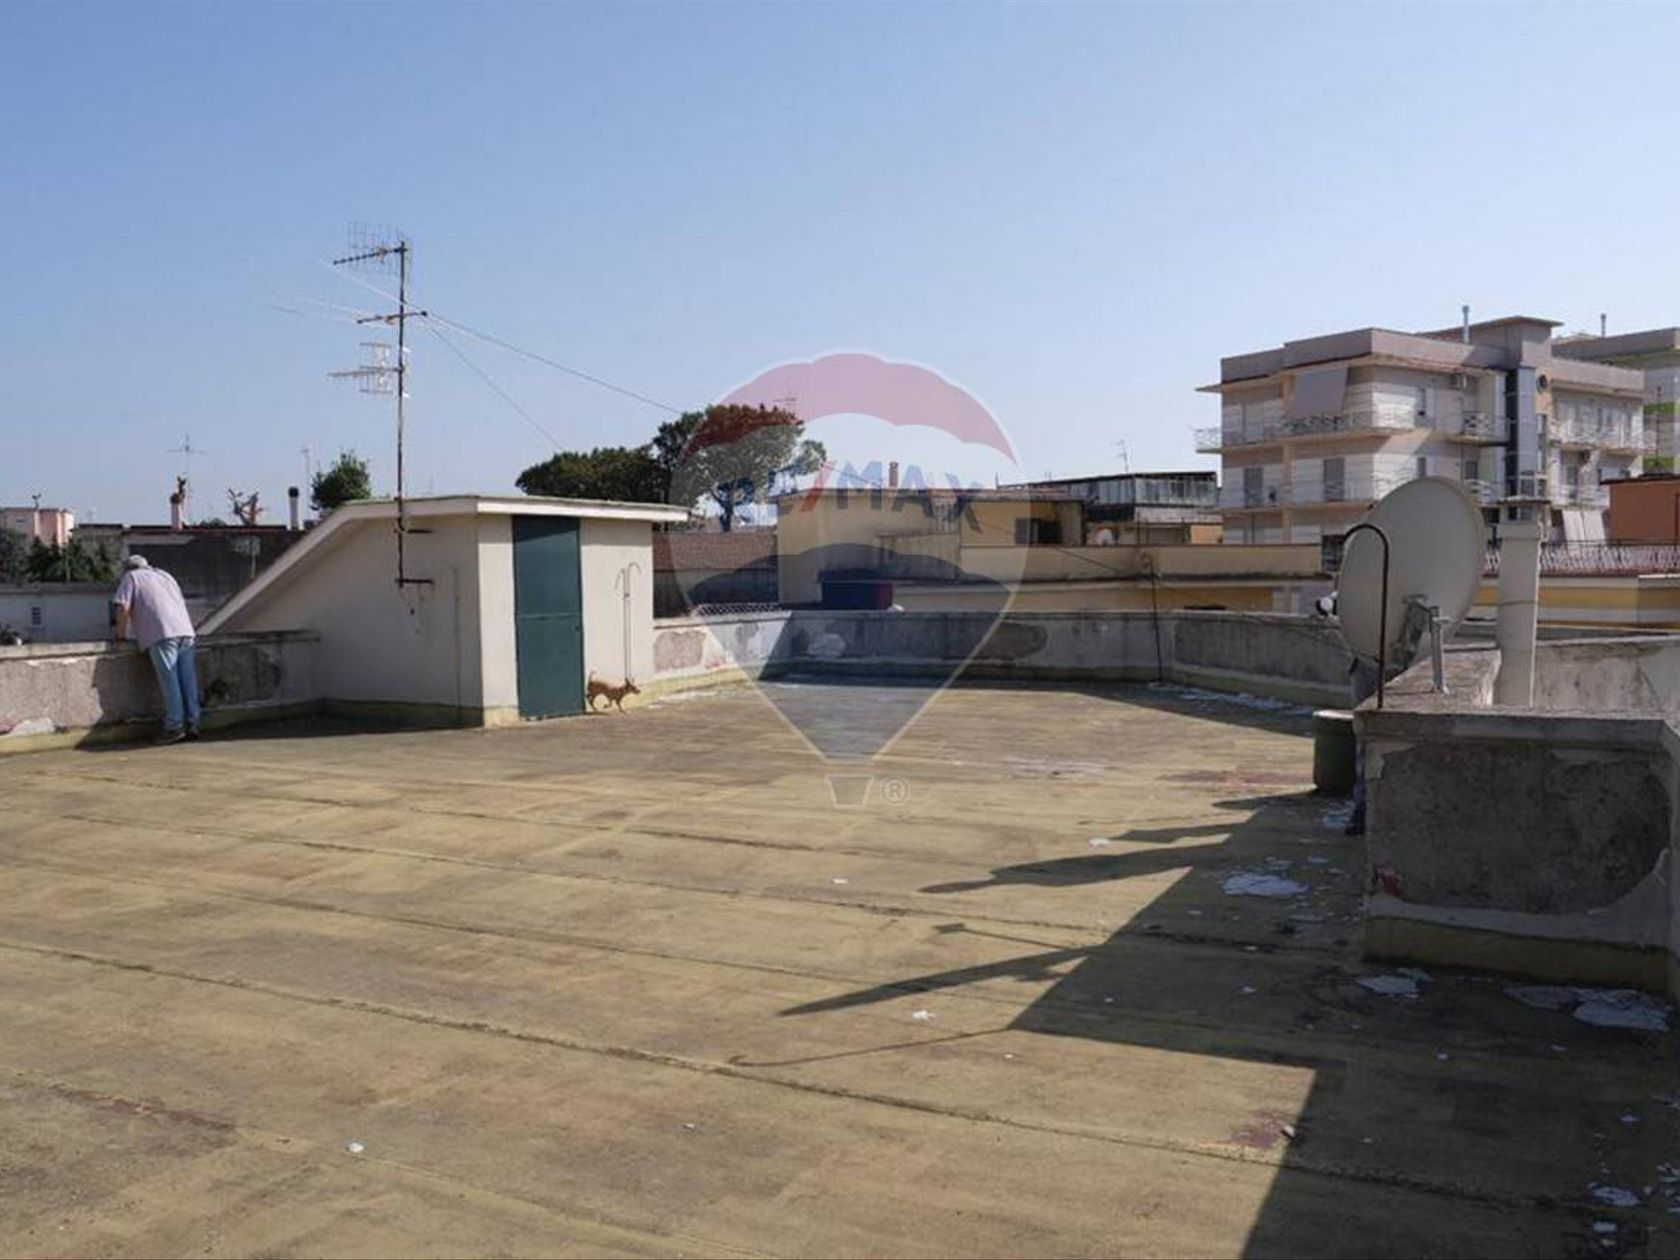 Casa Indipendente Zona stazione, Aversa, CE Vendita - Foto 23